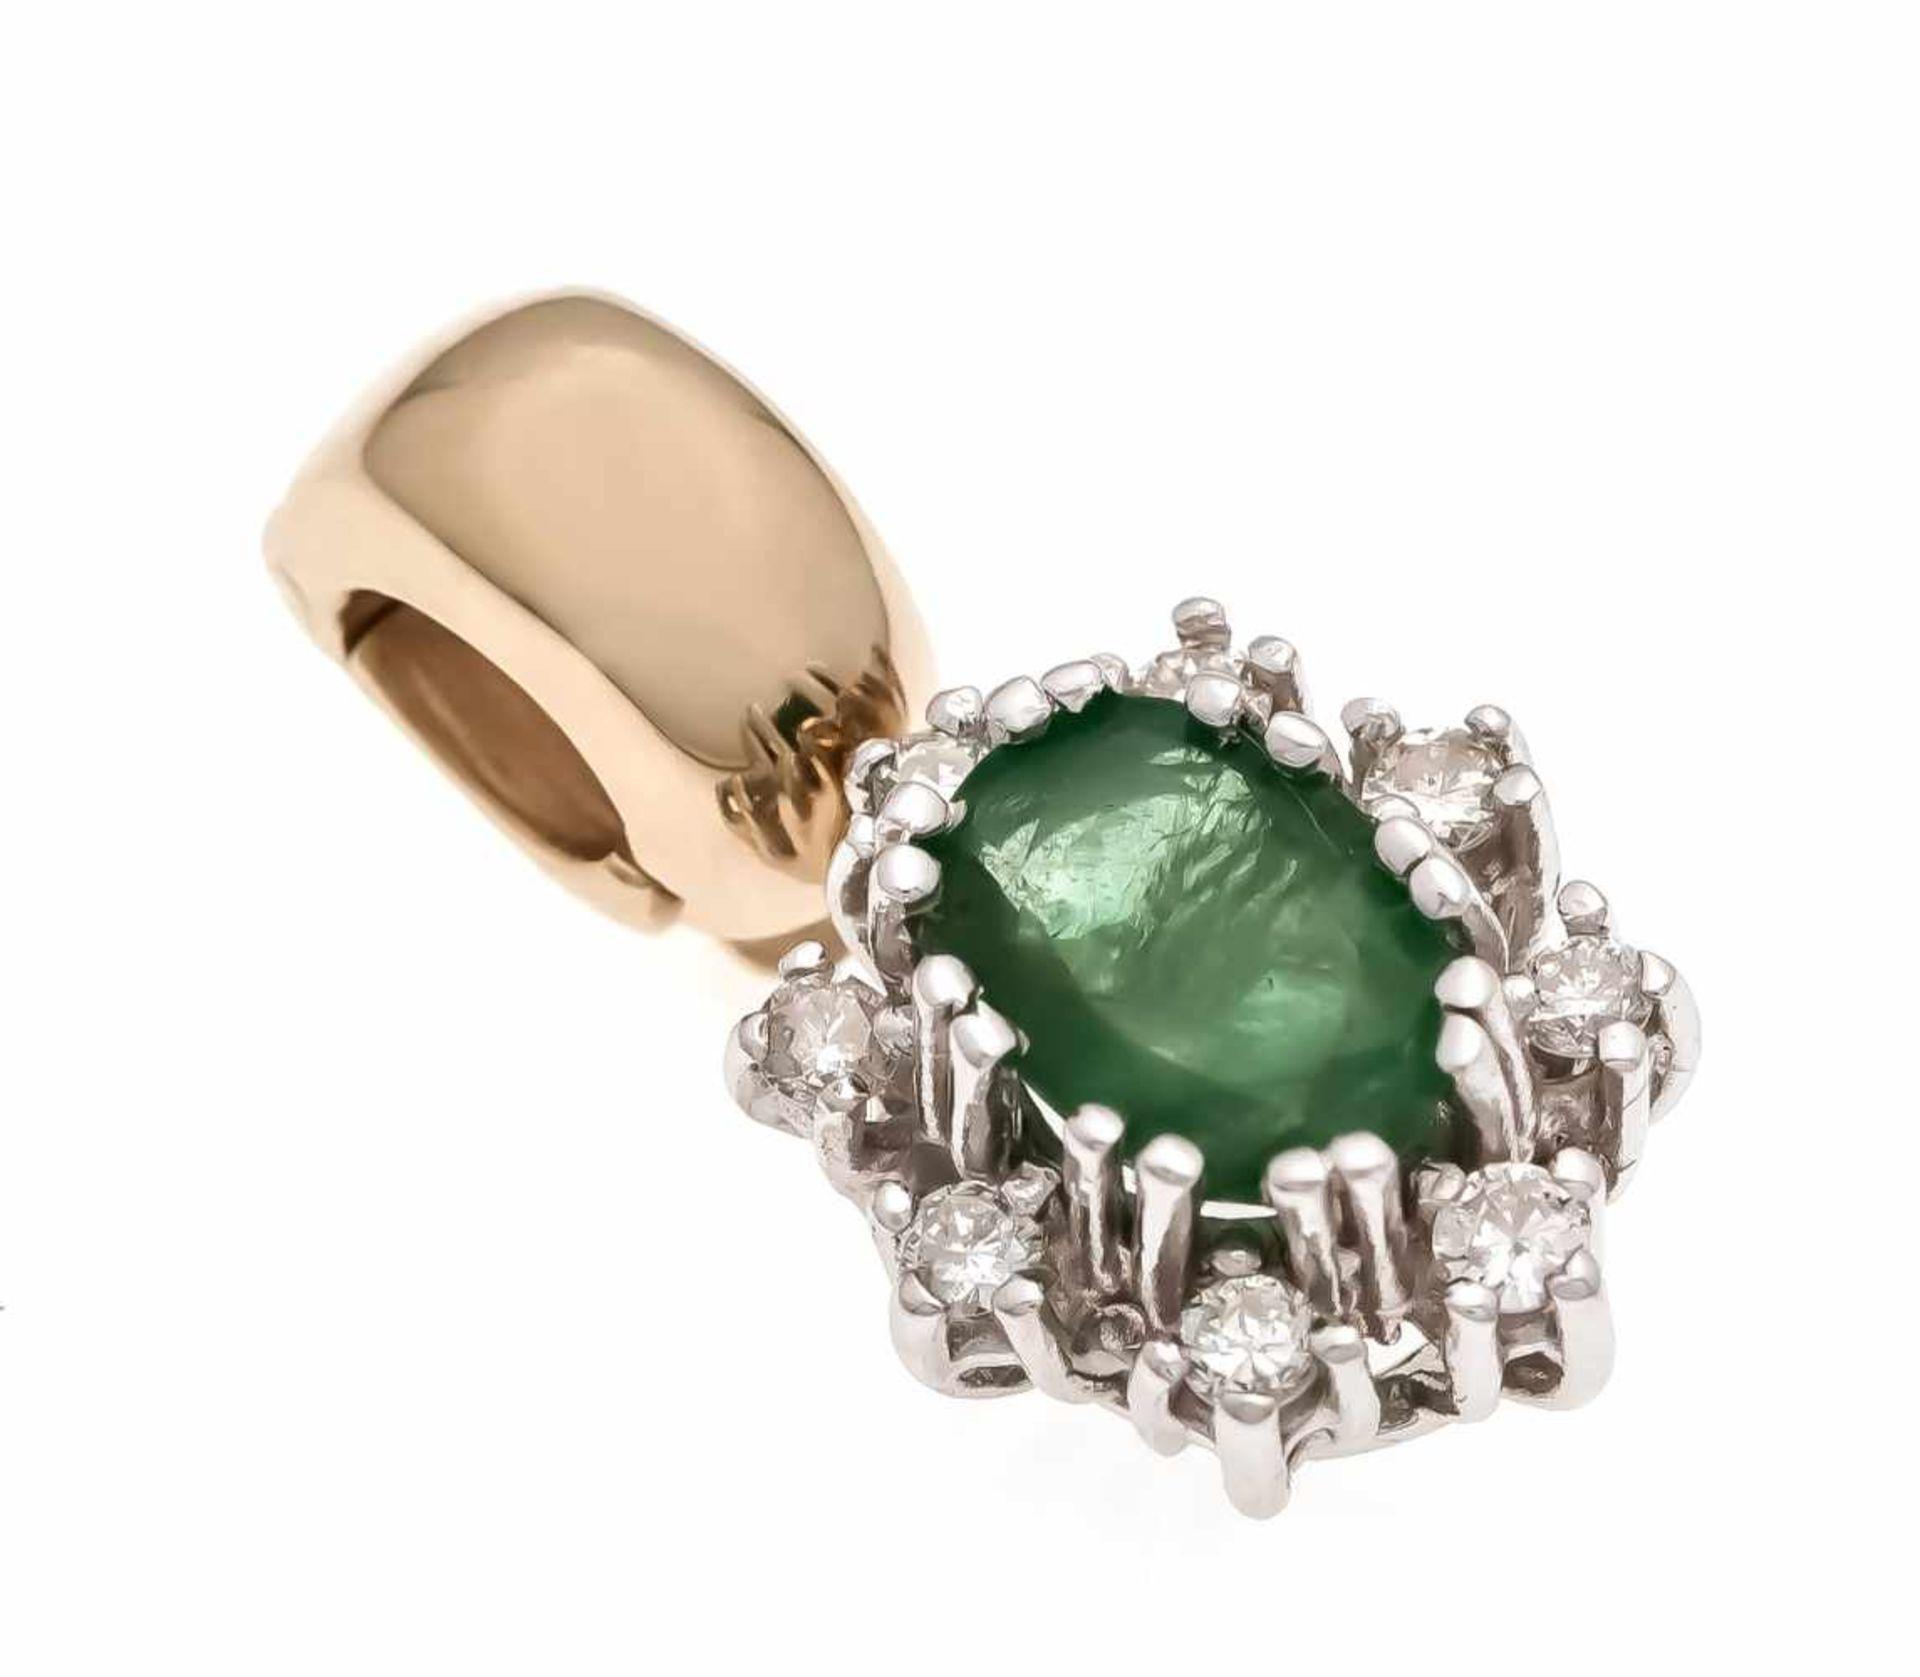 Smaragd-Brillant-Clipanhänger GG/WG 585/000 mit einem oval fac. Smaragd 6 x 4 mm und 8Brillanten,